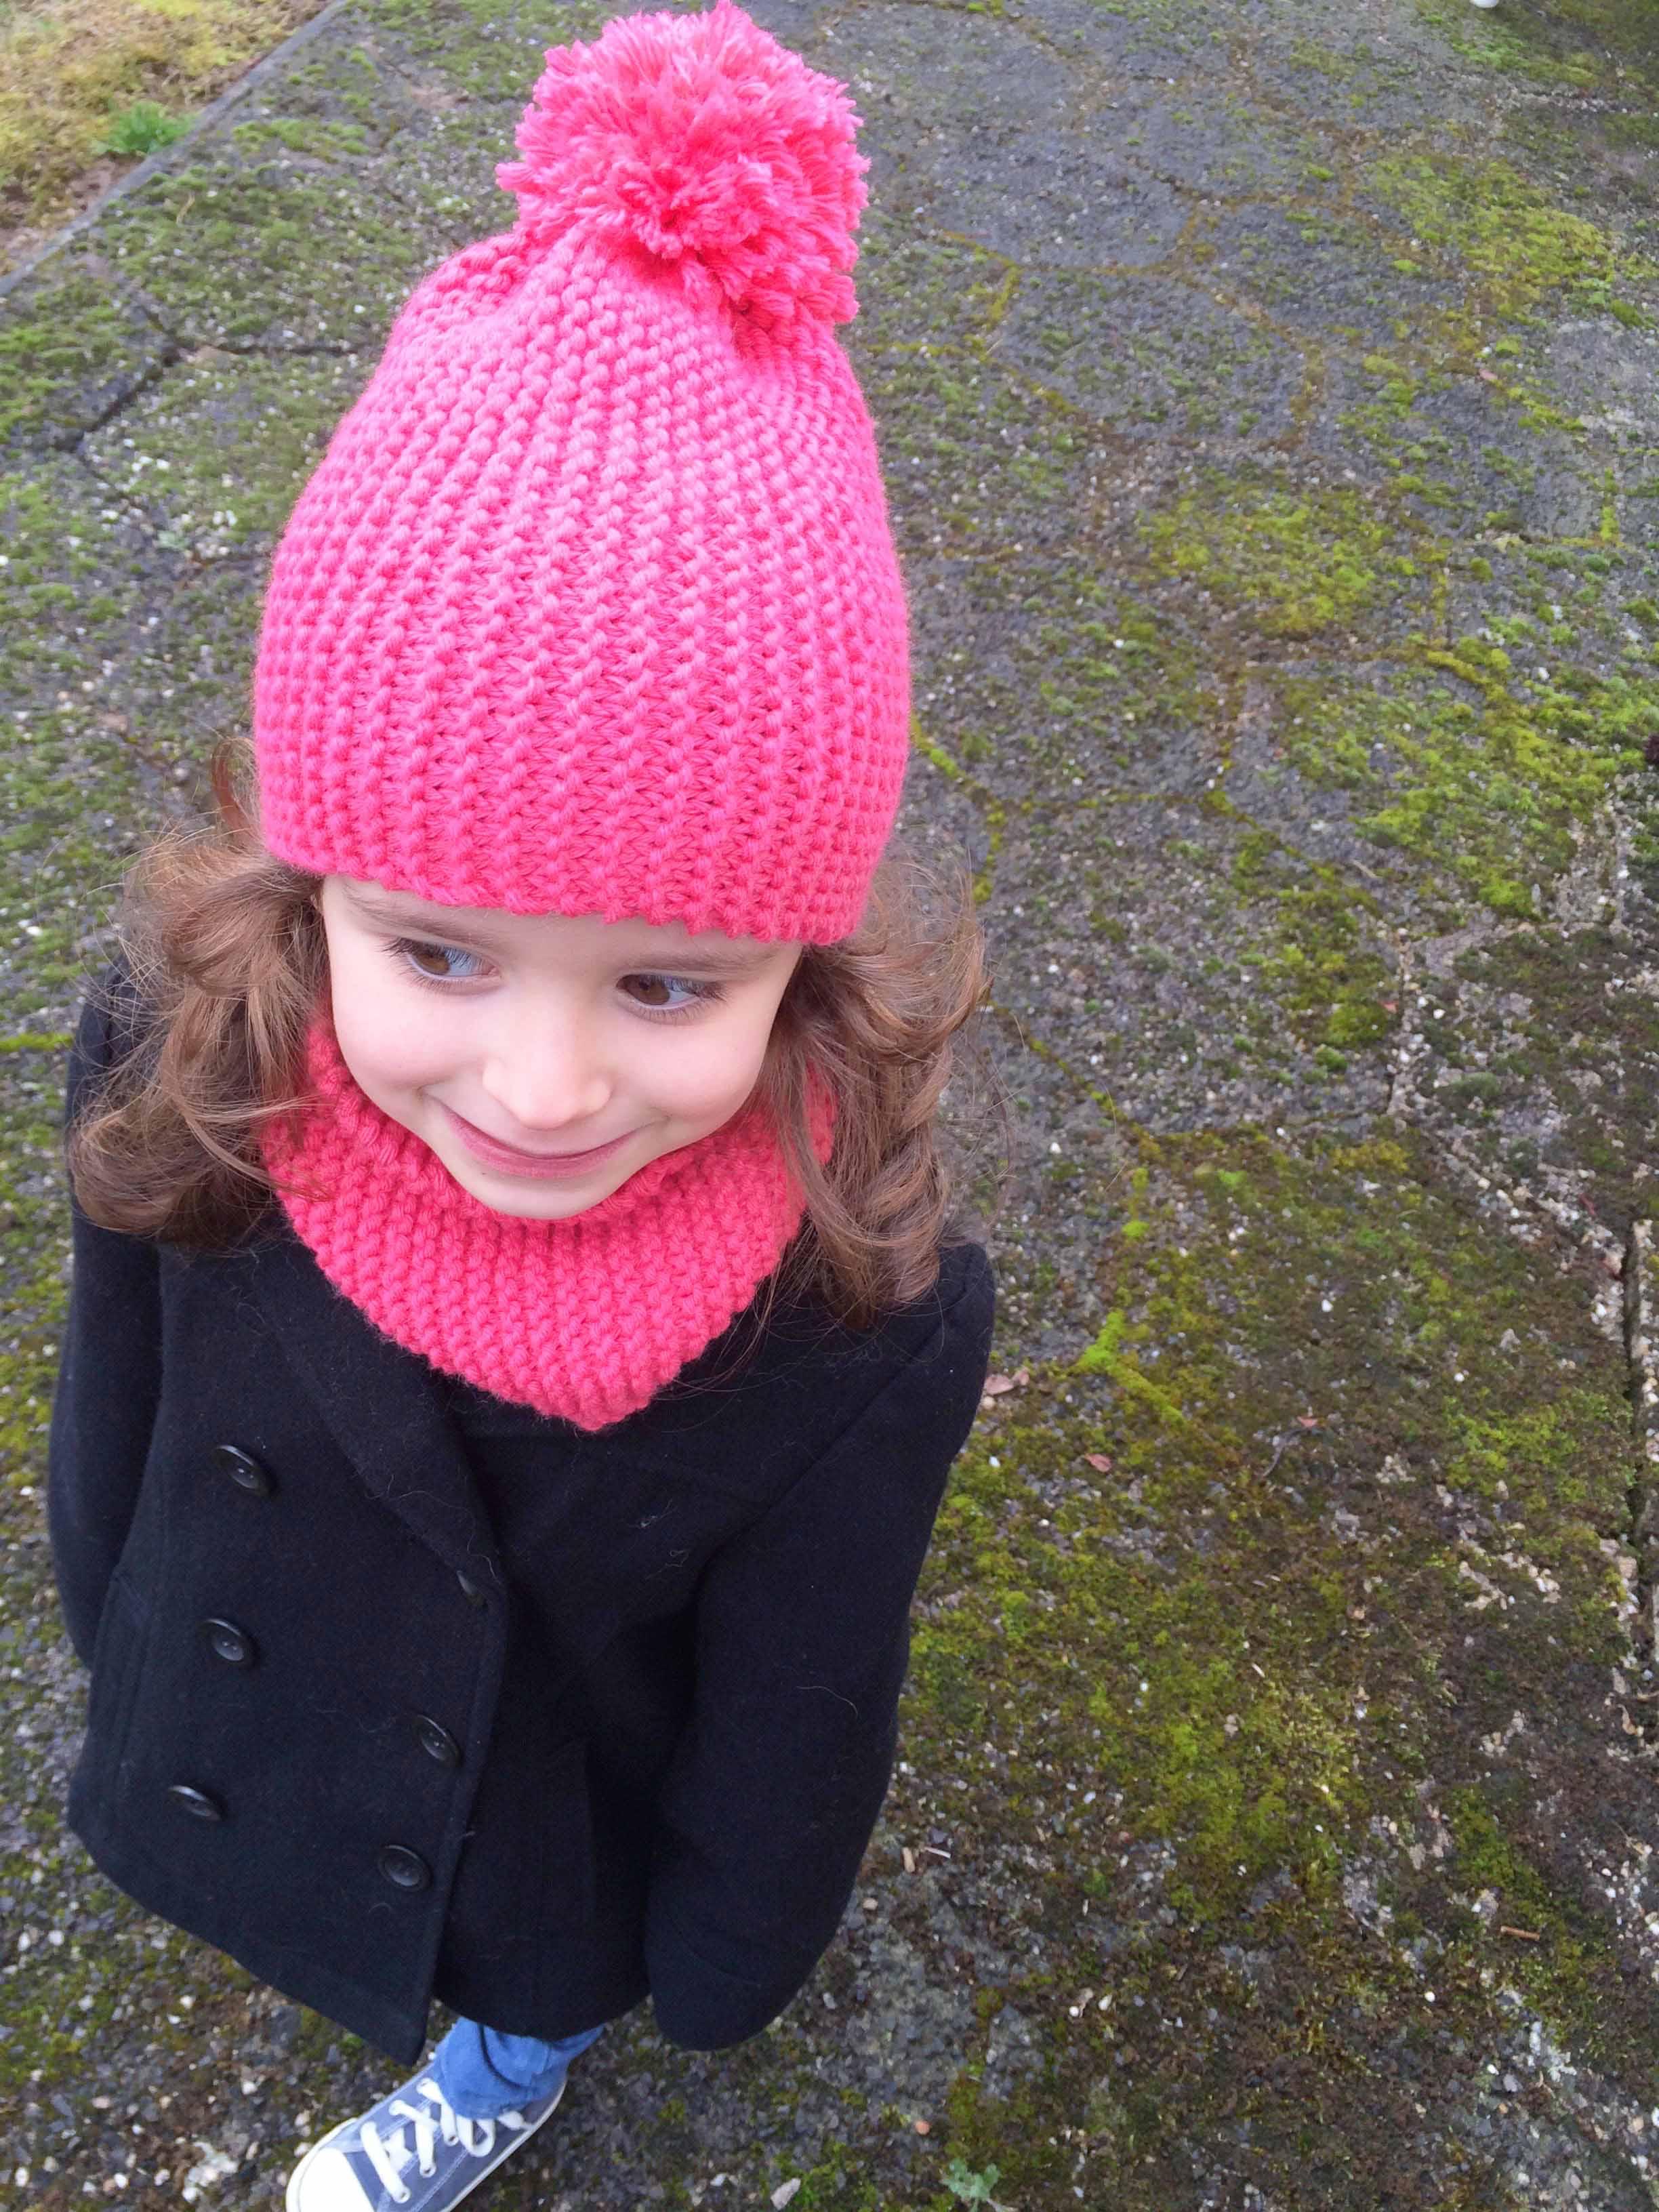 Tricoter bonnet garcon 10 ans - Idées de tricot gratuit 6fec9b1cc1e